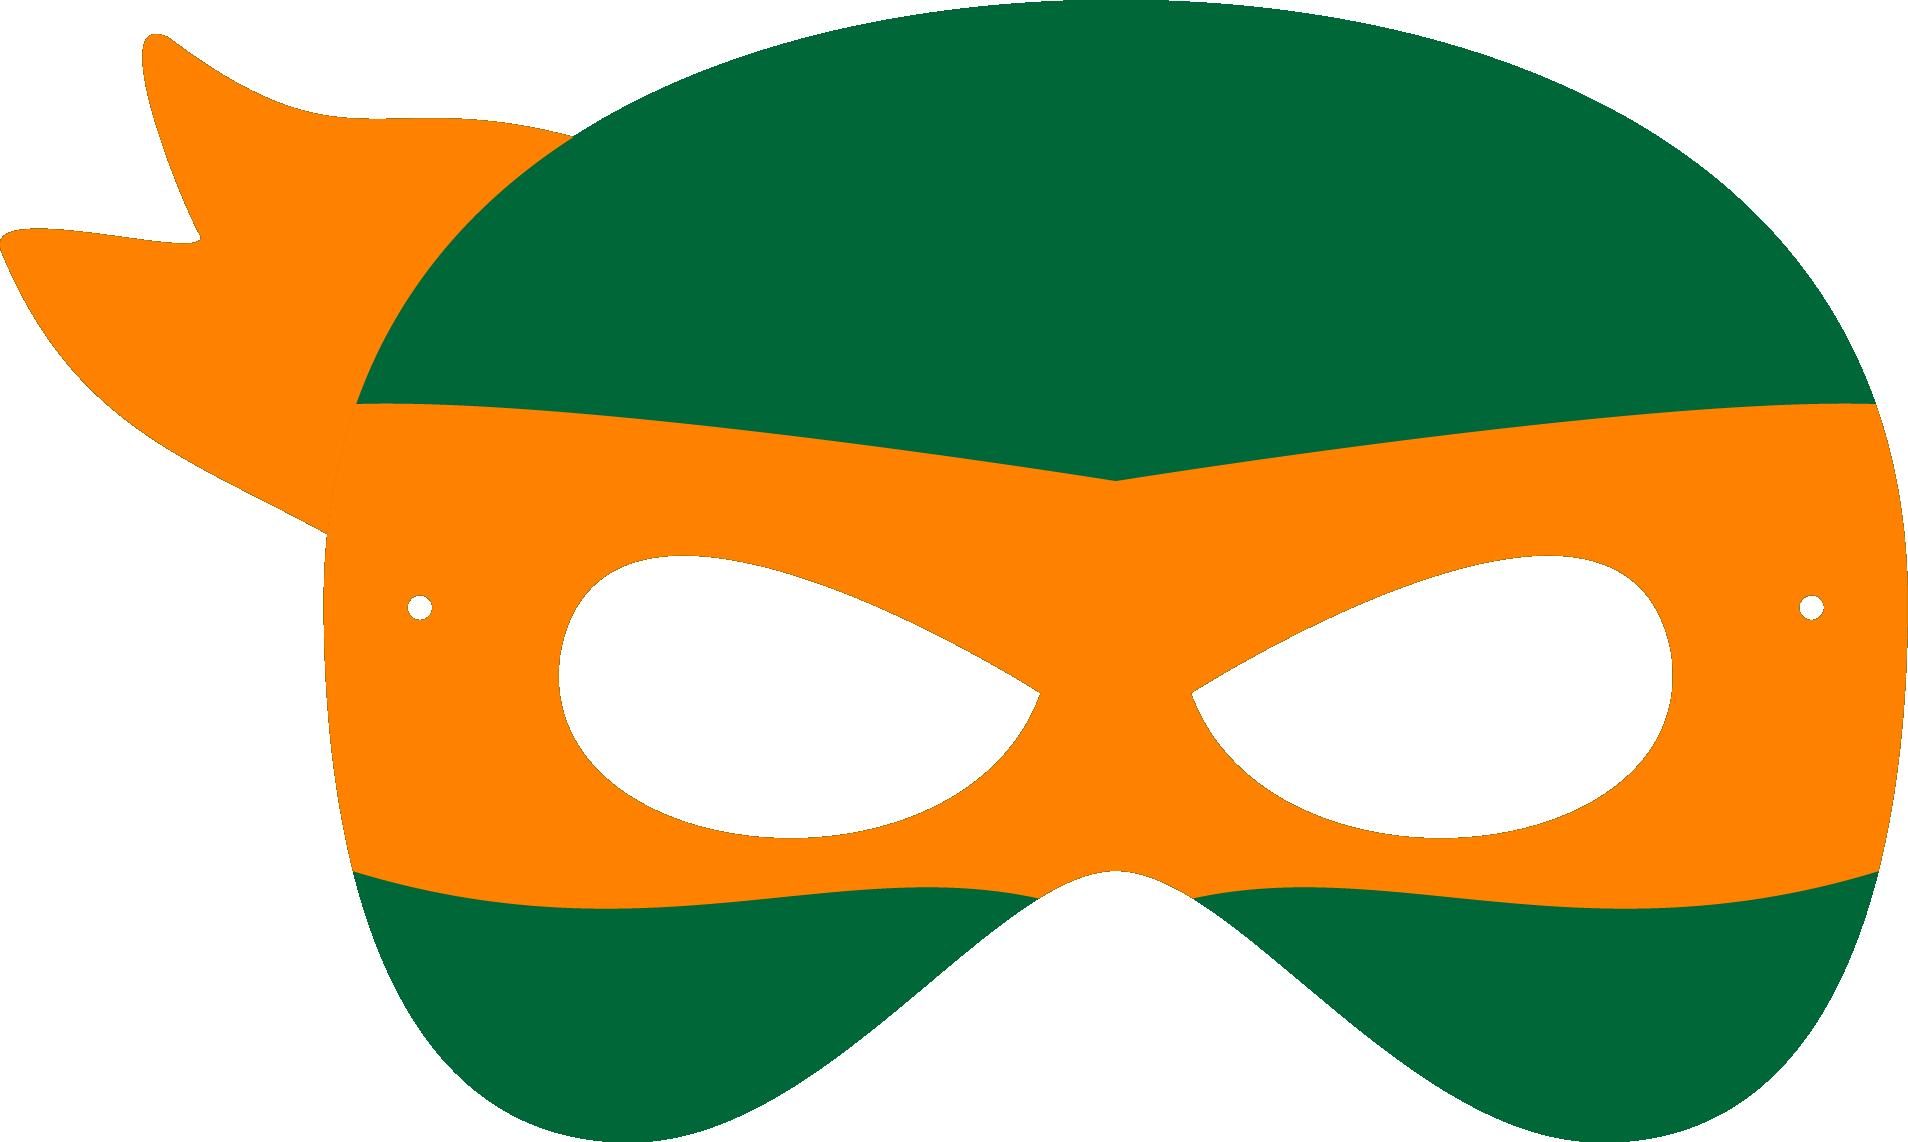 Http Coscave Com Project Teenage Mutant Ninja Turtle Inspired Masks Tartarugas Ninjas Ninja Tartarugas